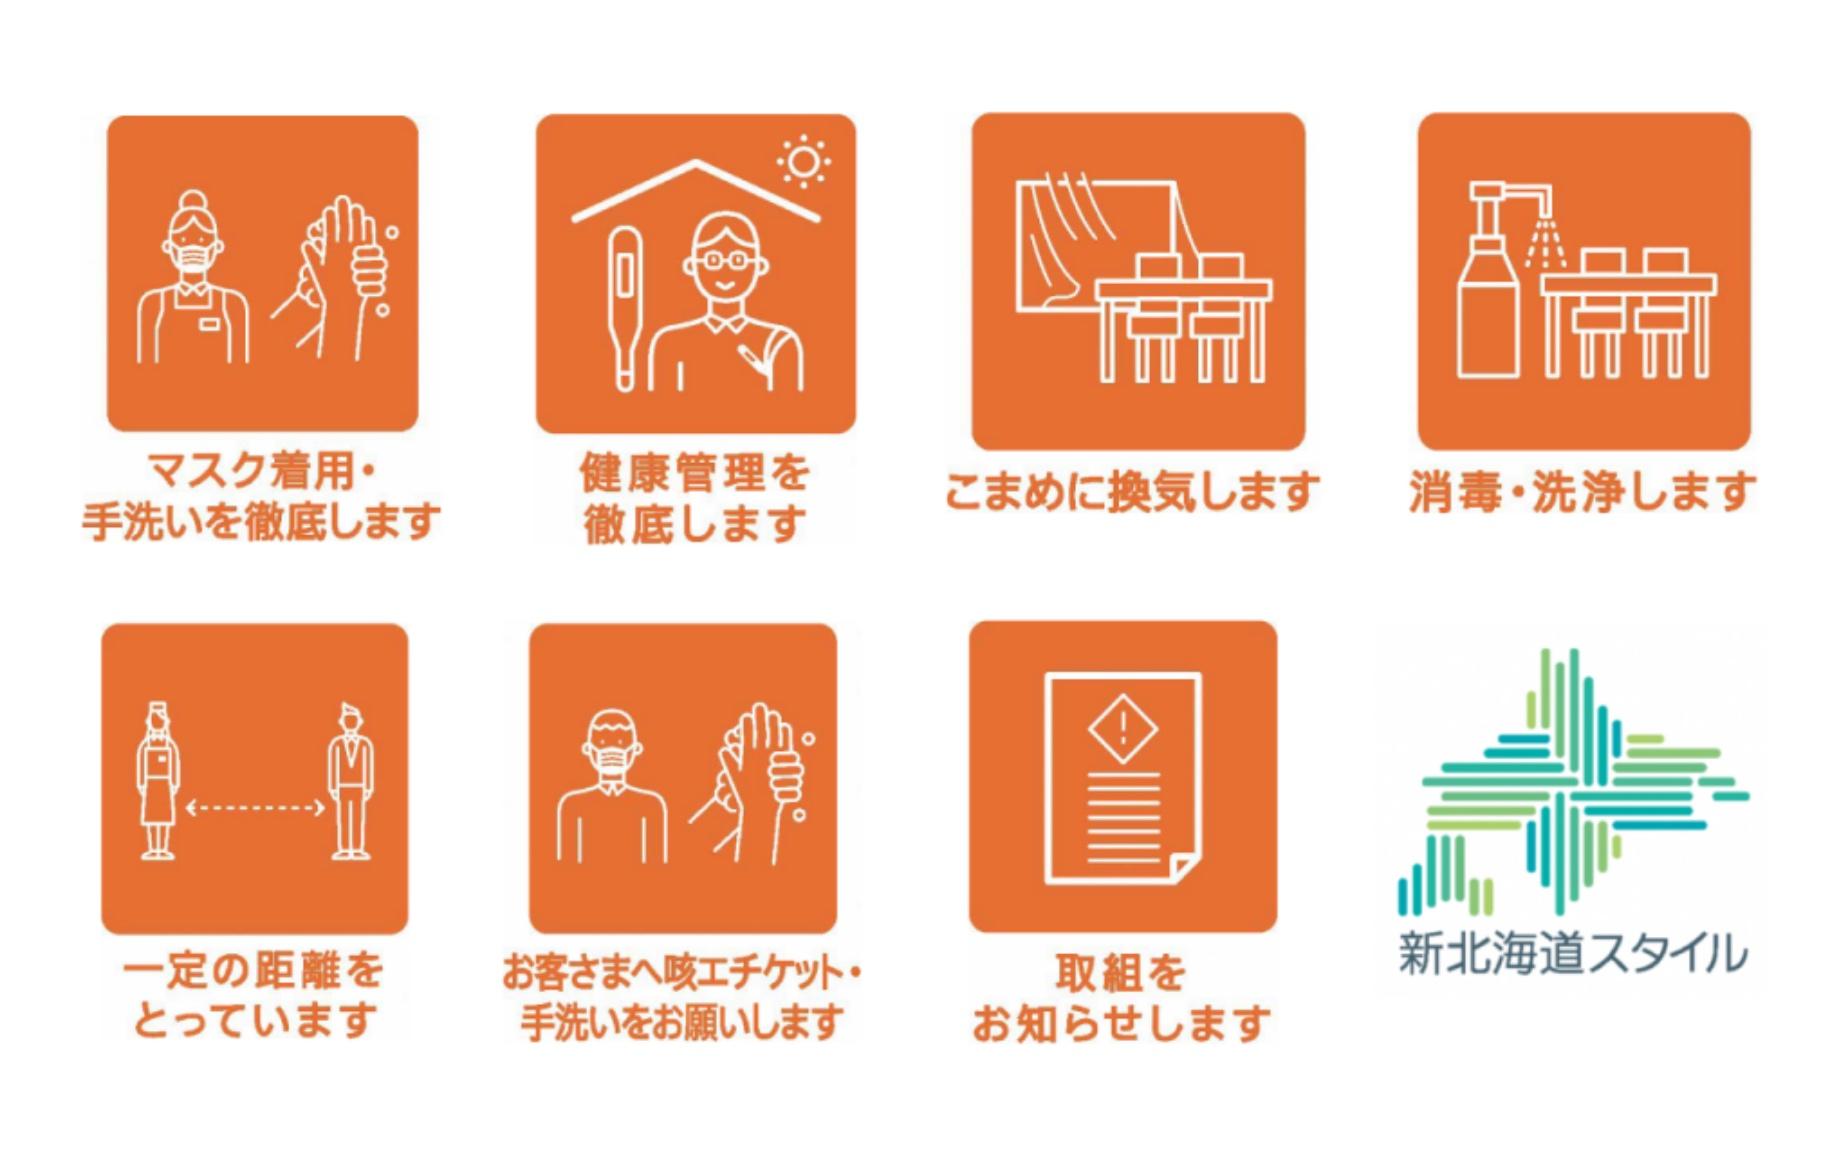 レビューストサロン恵庭店「新北海道スタイル」安心宣言